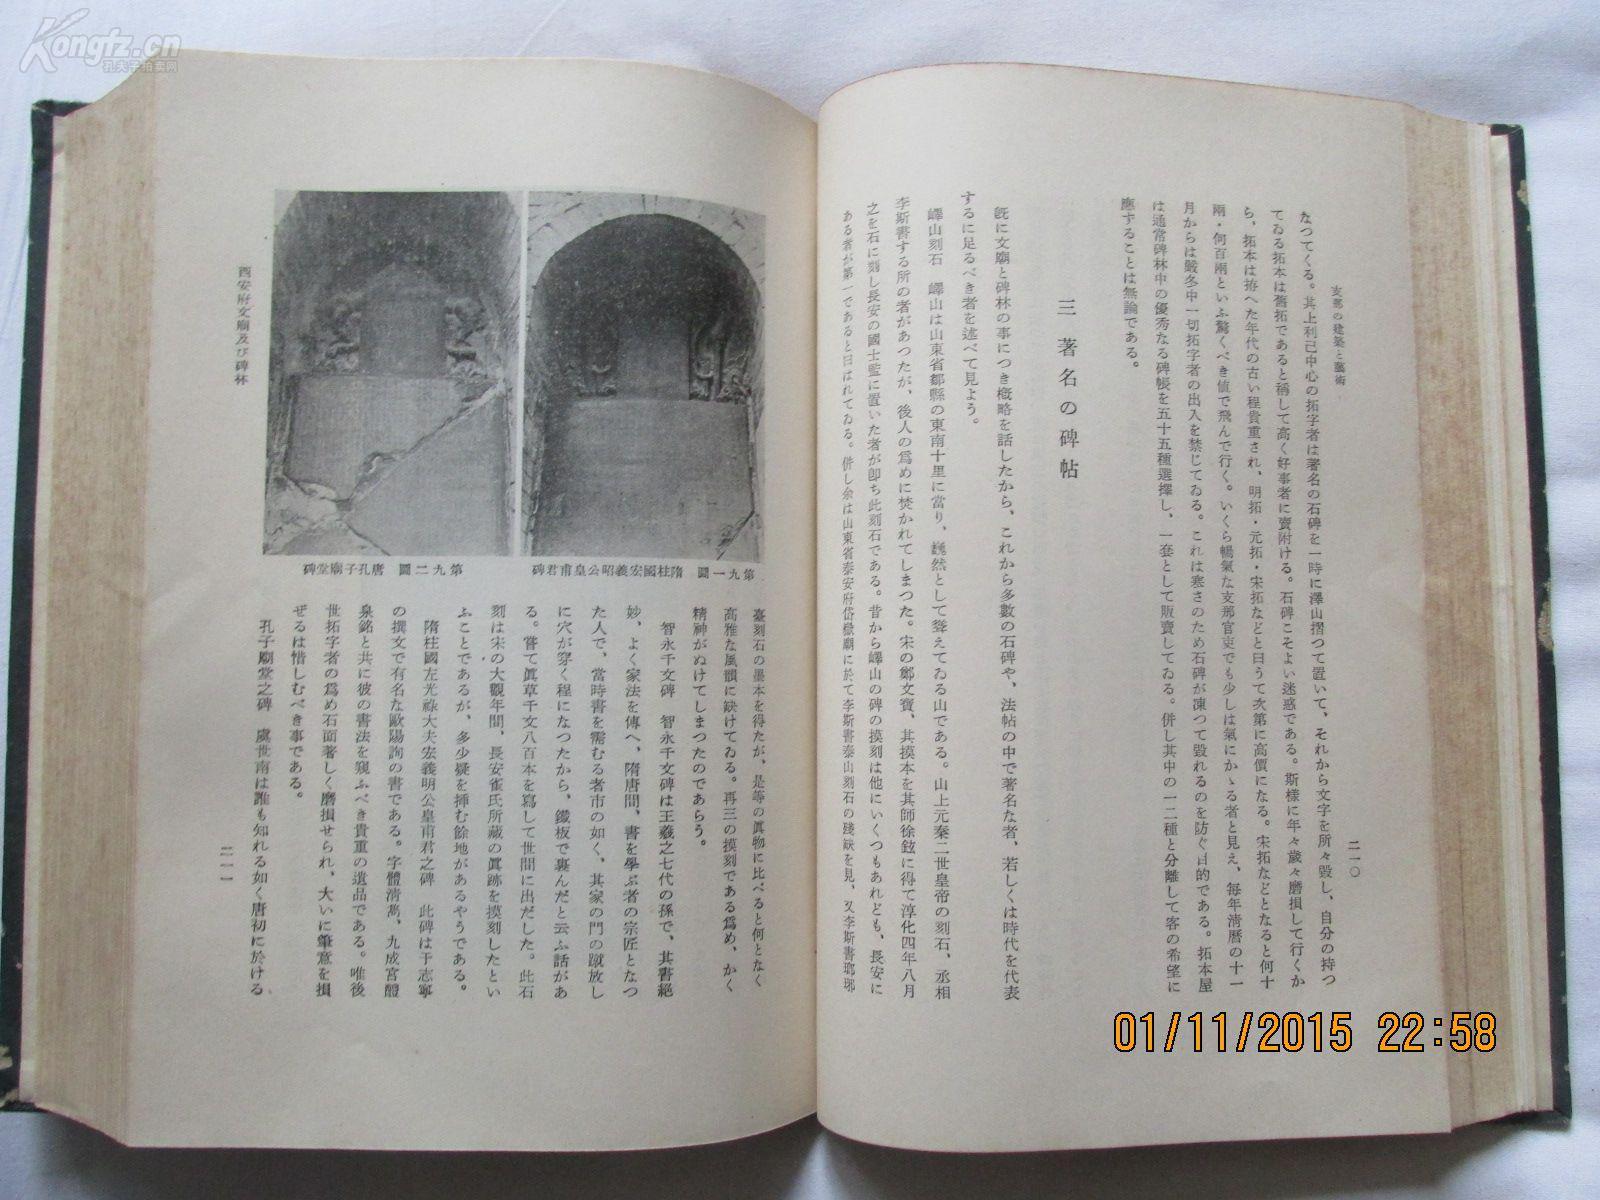 《措施的建筑和支那》一巨厚册800多页环境保护艺术设计图图片